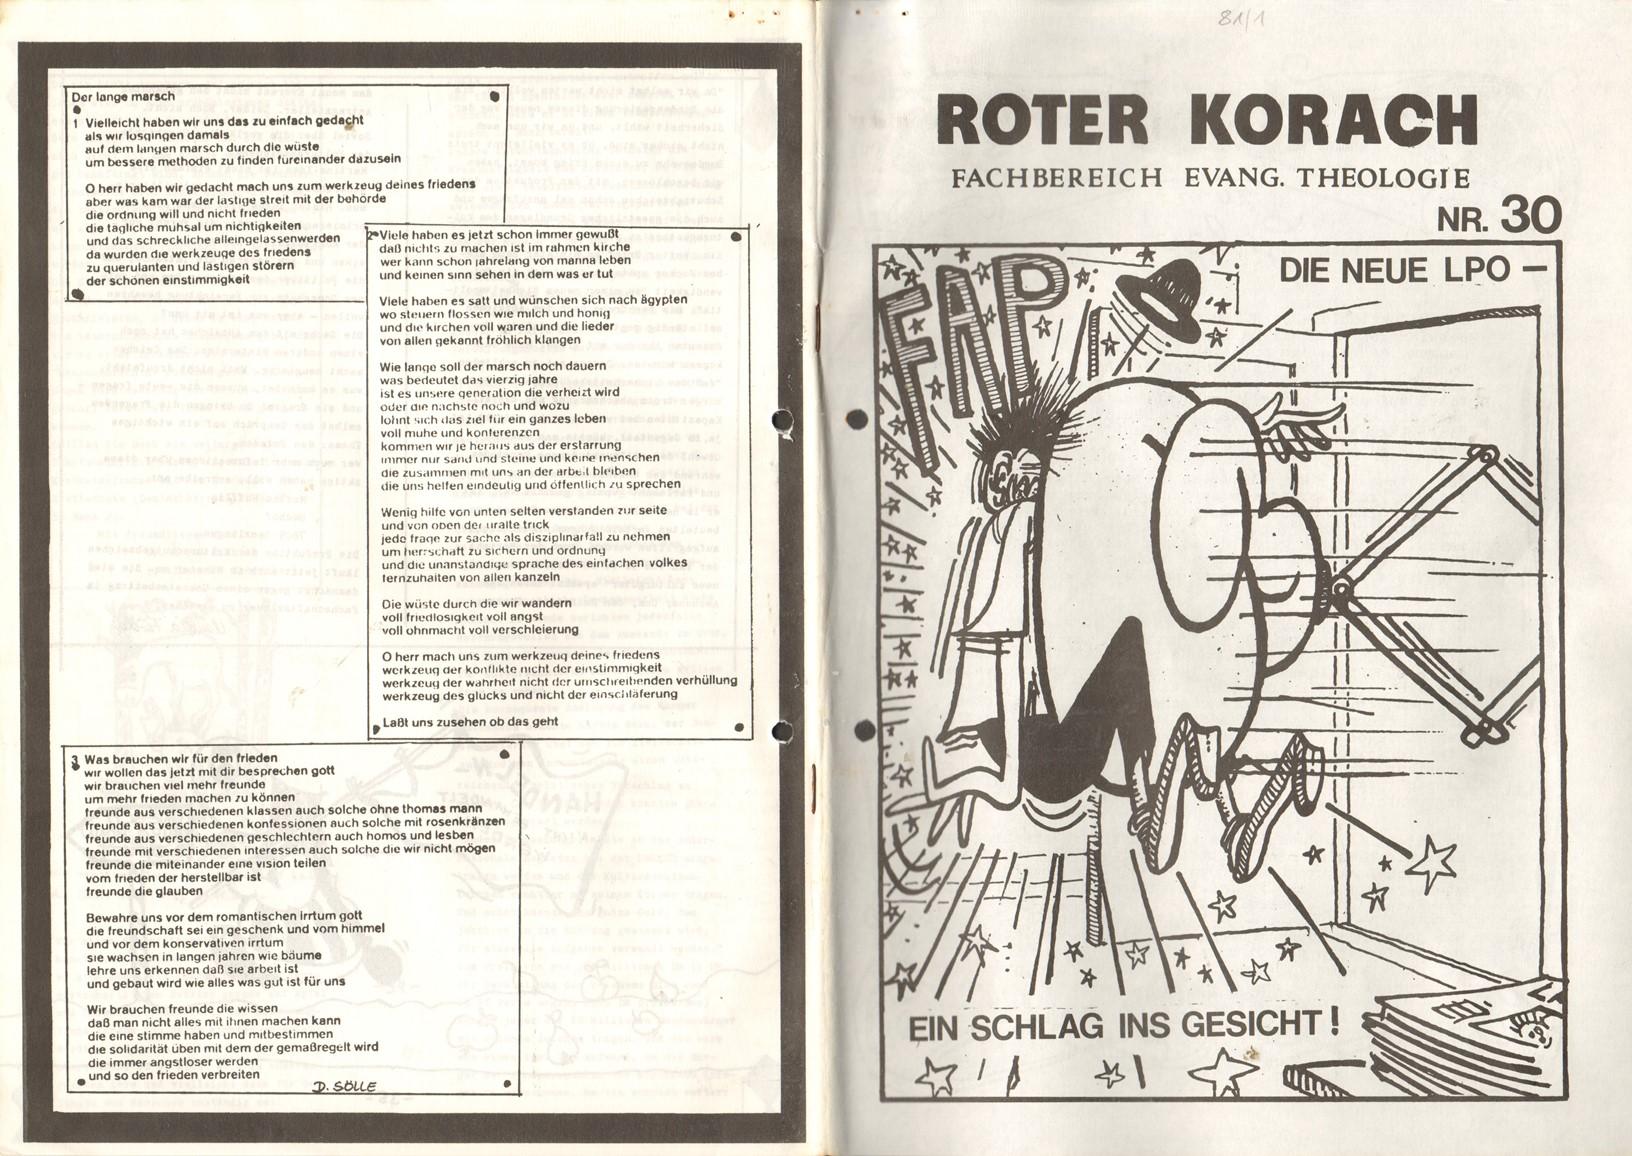 Muenster_Roter_Korach_19810127_01